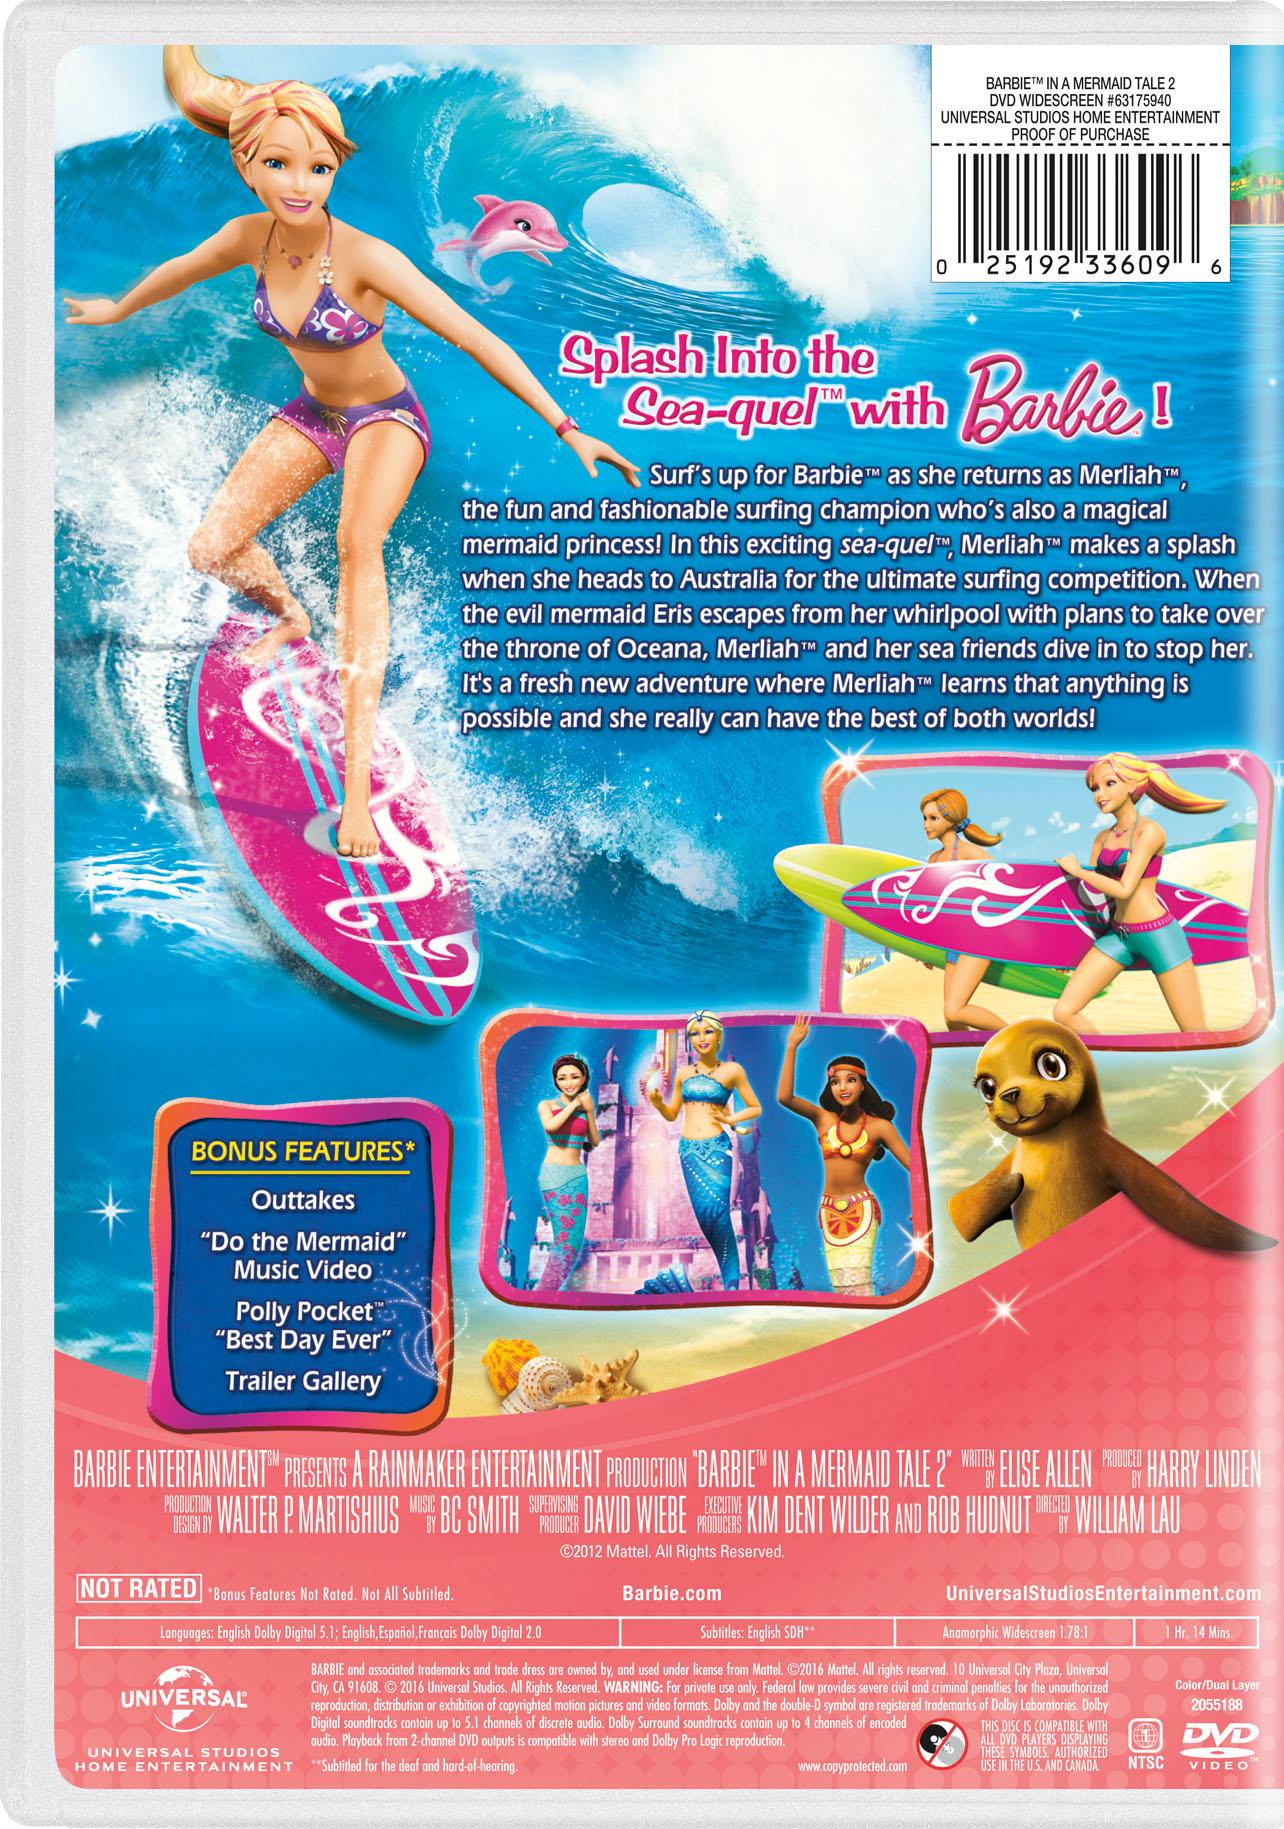 barbie in a mermaid tale 2 movie page dvd blu ray digital hd